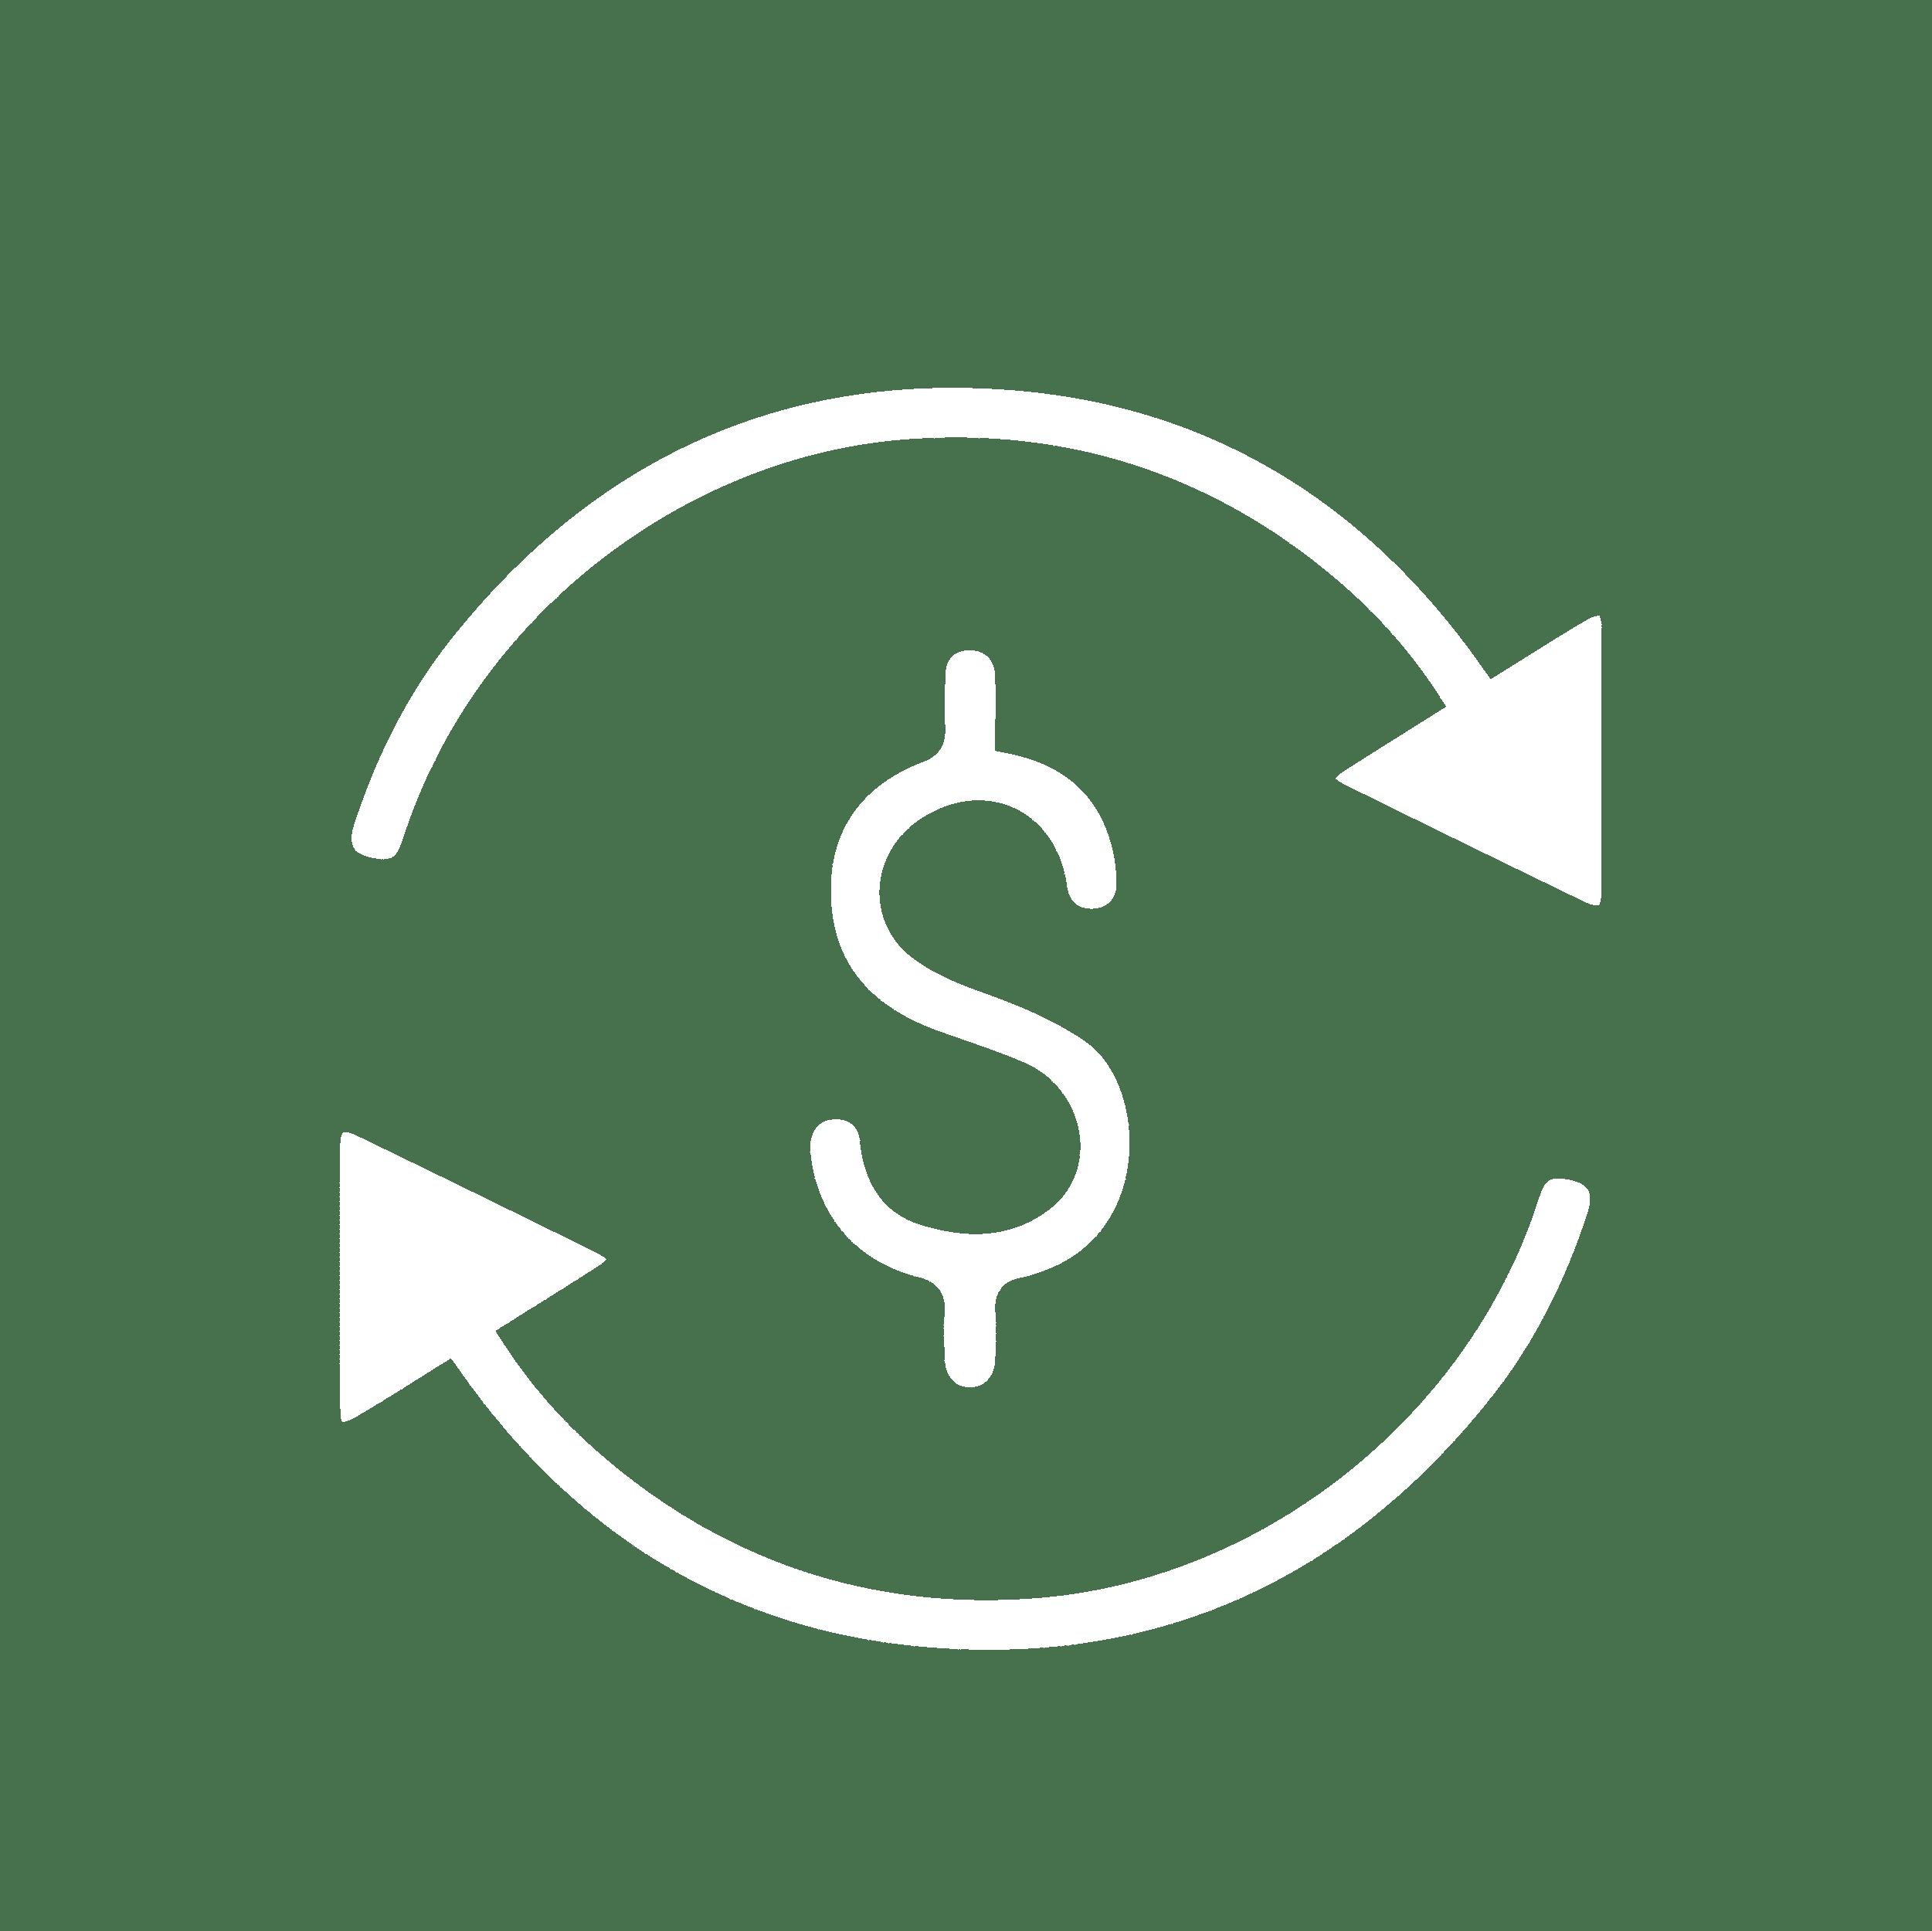 http://Refinance_CalculatorIcon-02